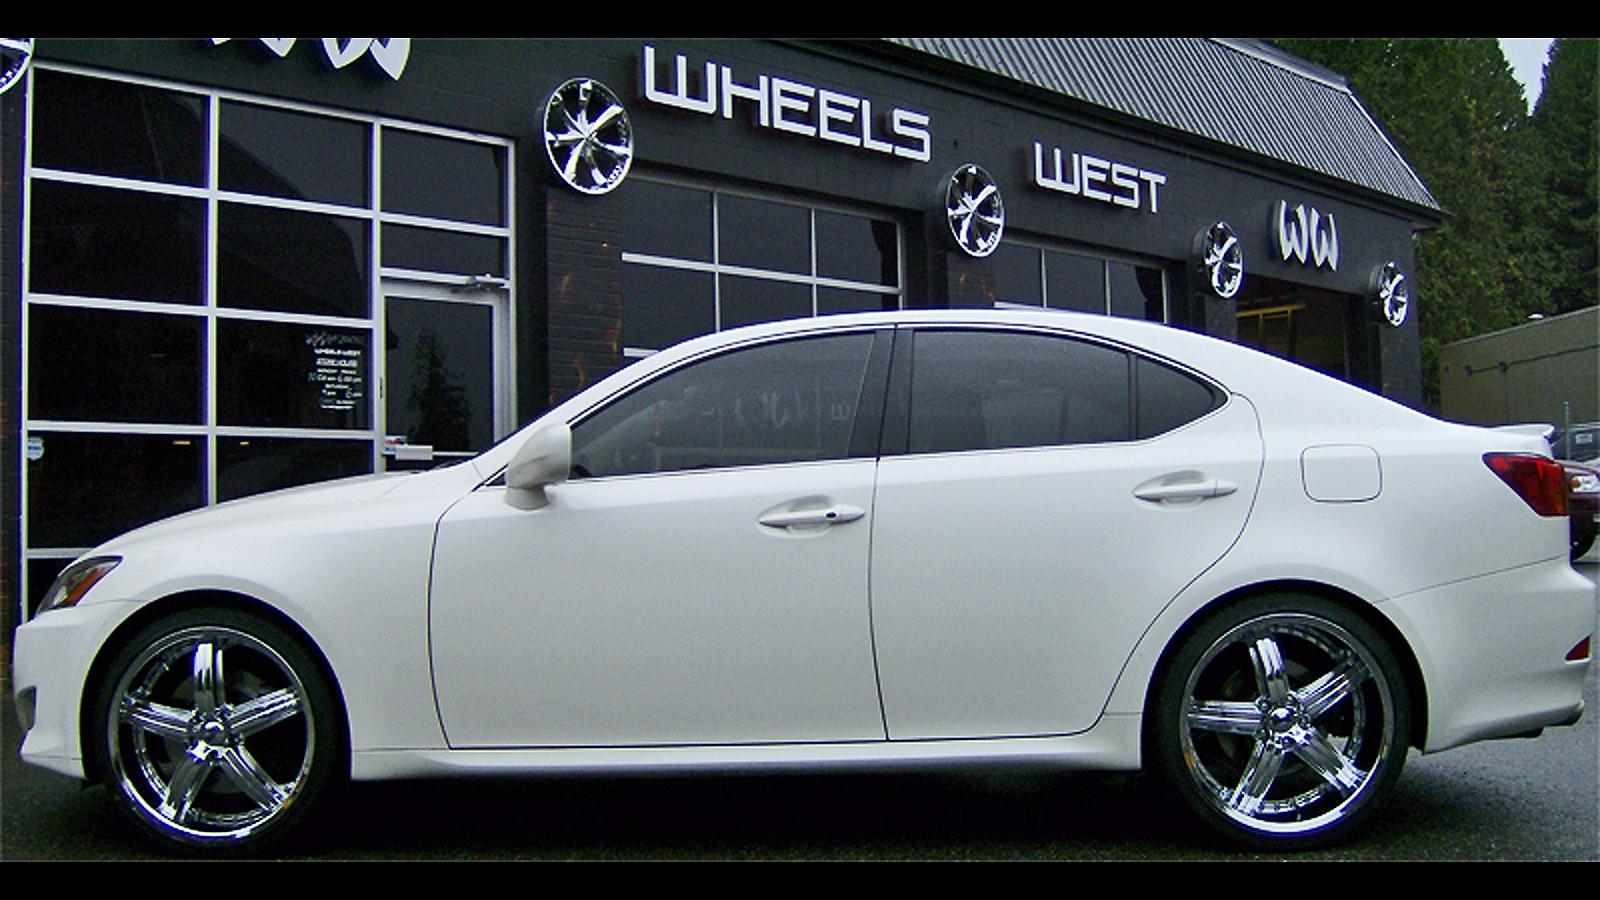 Lexus Is 350 >> 2006 LEXUS IS 350 - Image #17